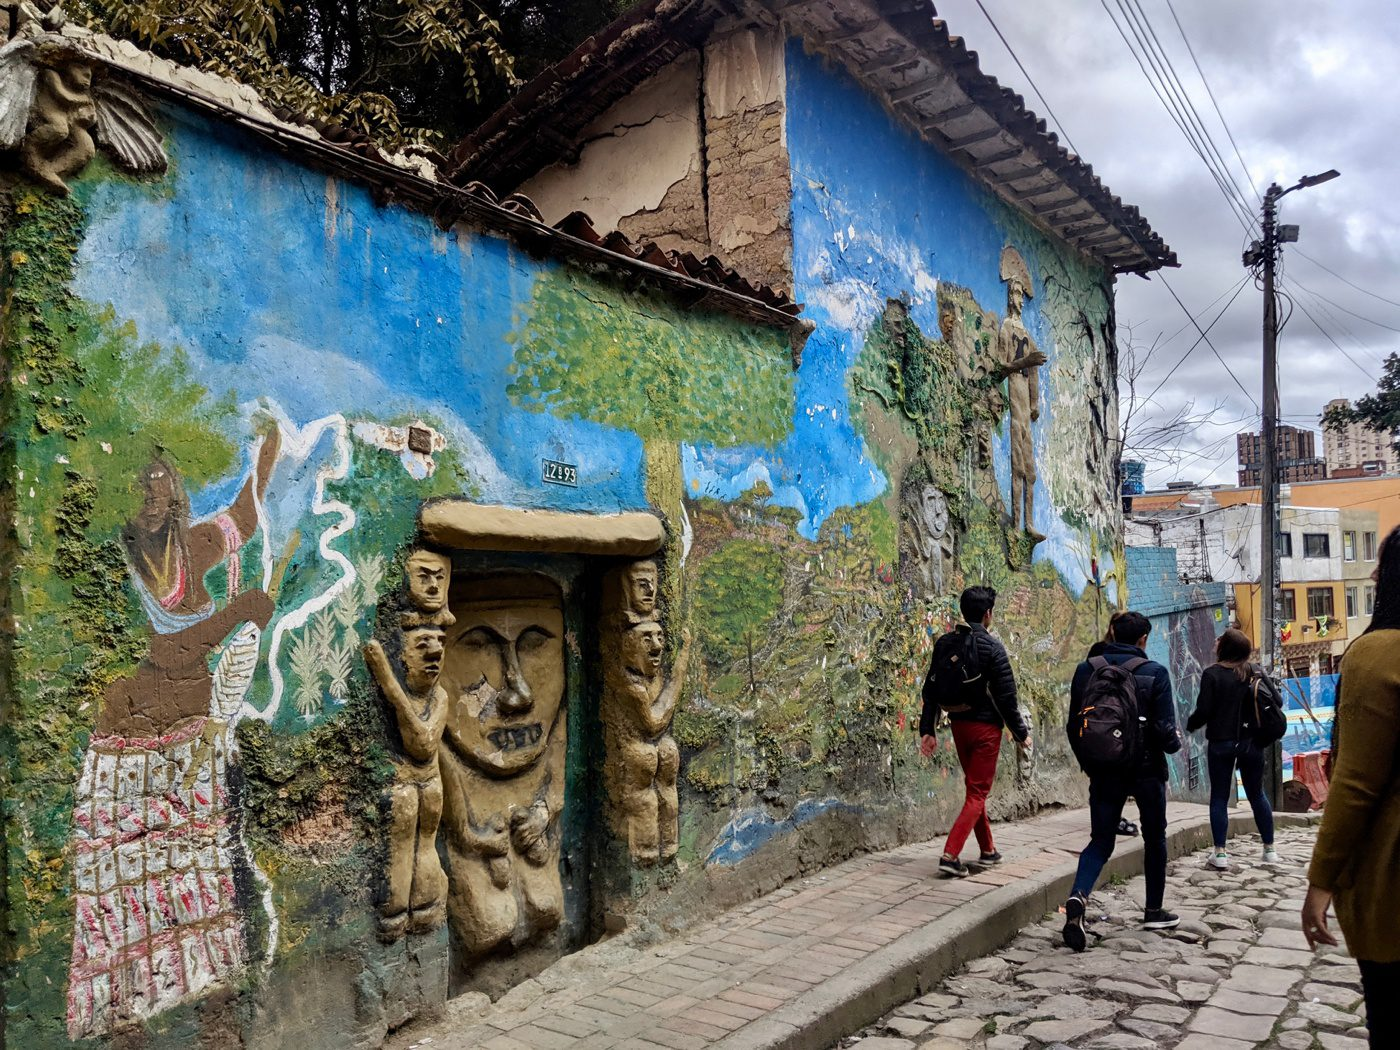 Murals in the La Candelaria, Colombia neighborhood